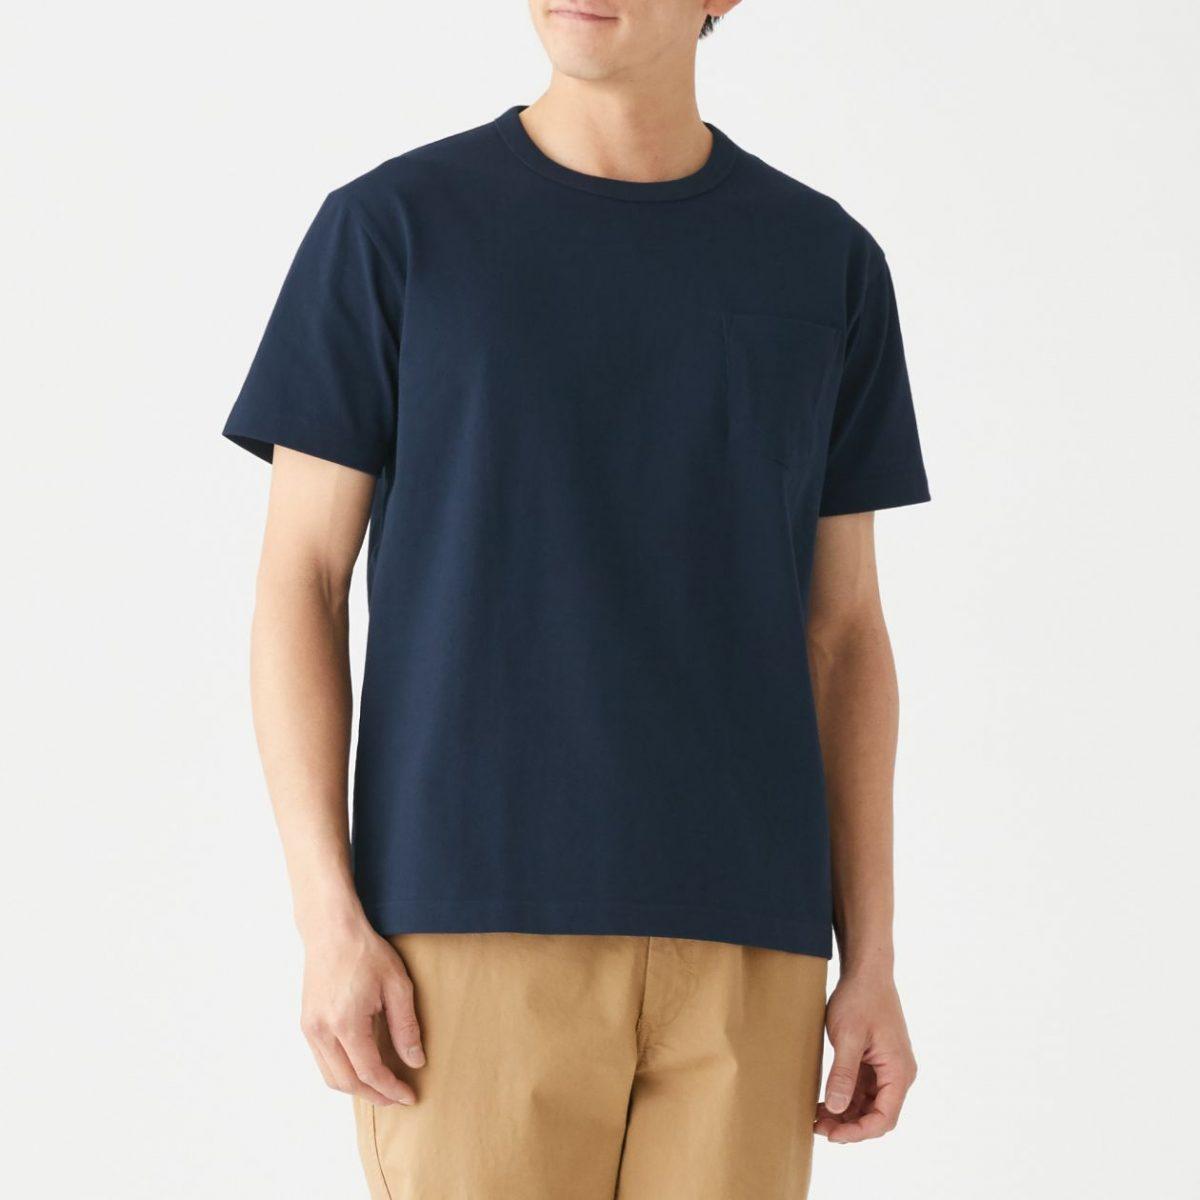 無印良品 太番手 天竺編みポケット付き半袖Tシャツ